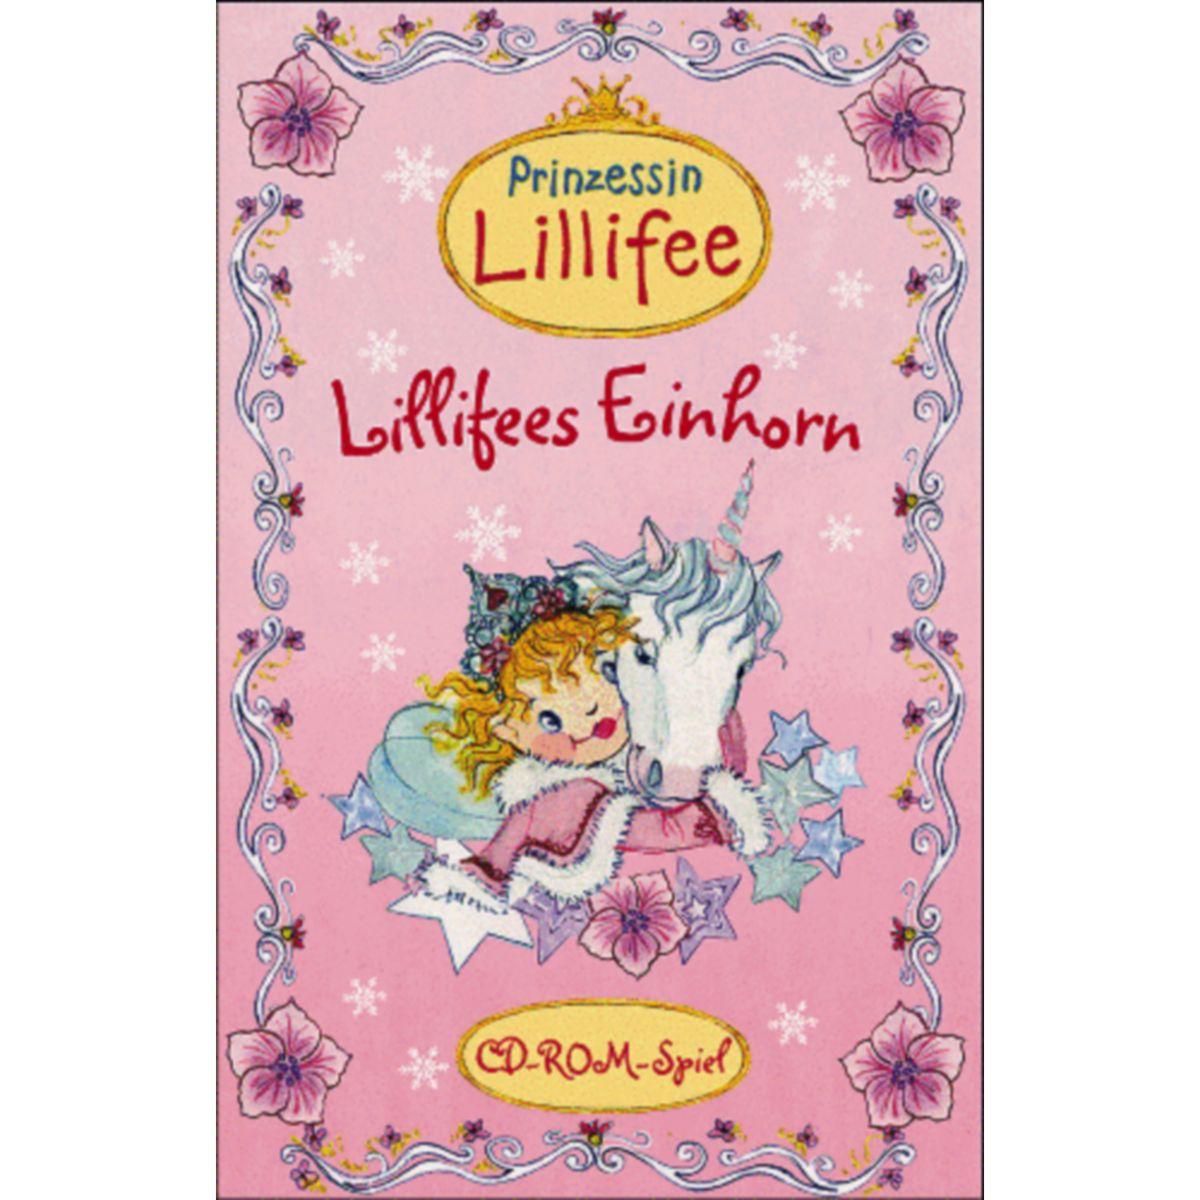 Lillifee: Einhorn (PC) jetztbilligerkaufen